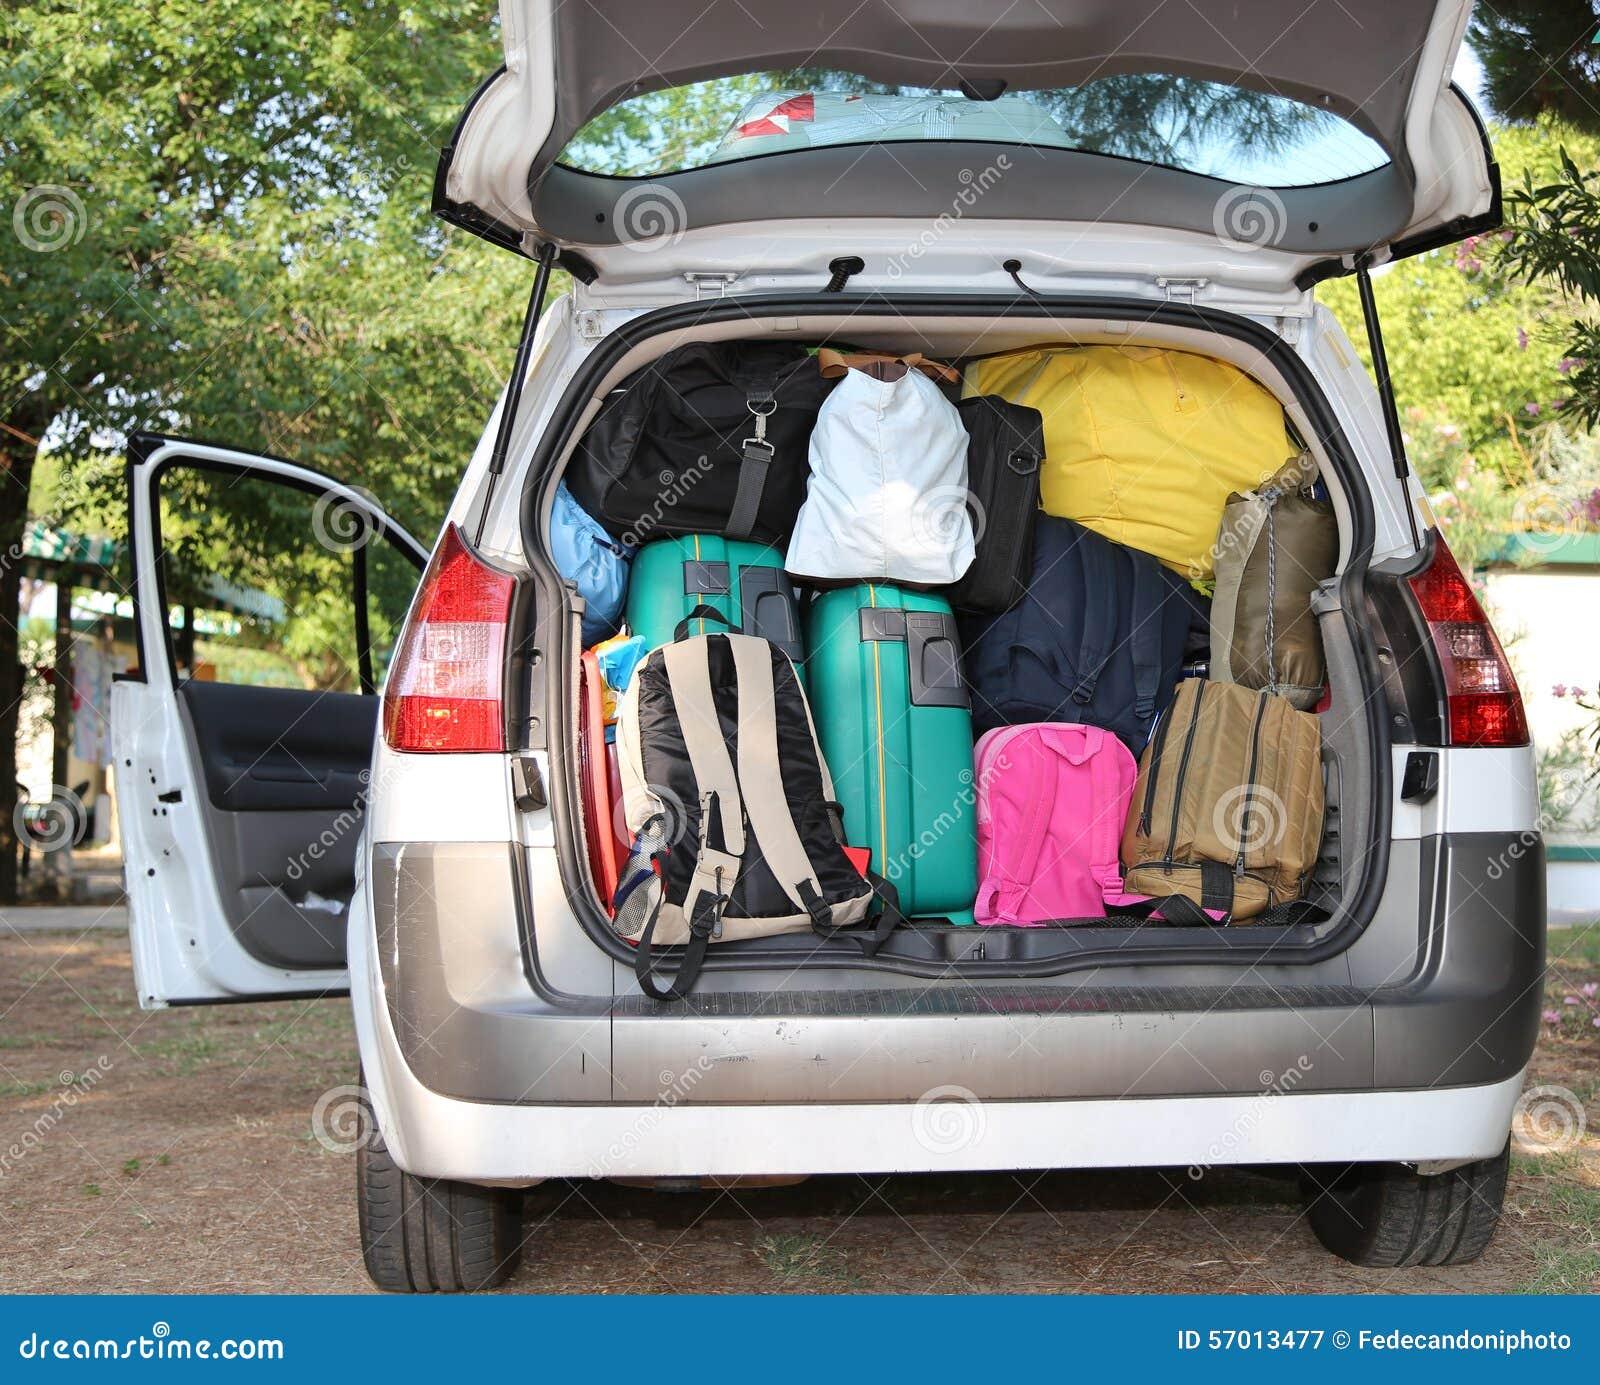 voiture surcharg e avec des valises pour le voyage image stock image 57013477. Black Bedroom Furniture Sets. Home Design Ideas